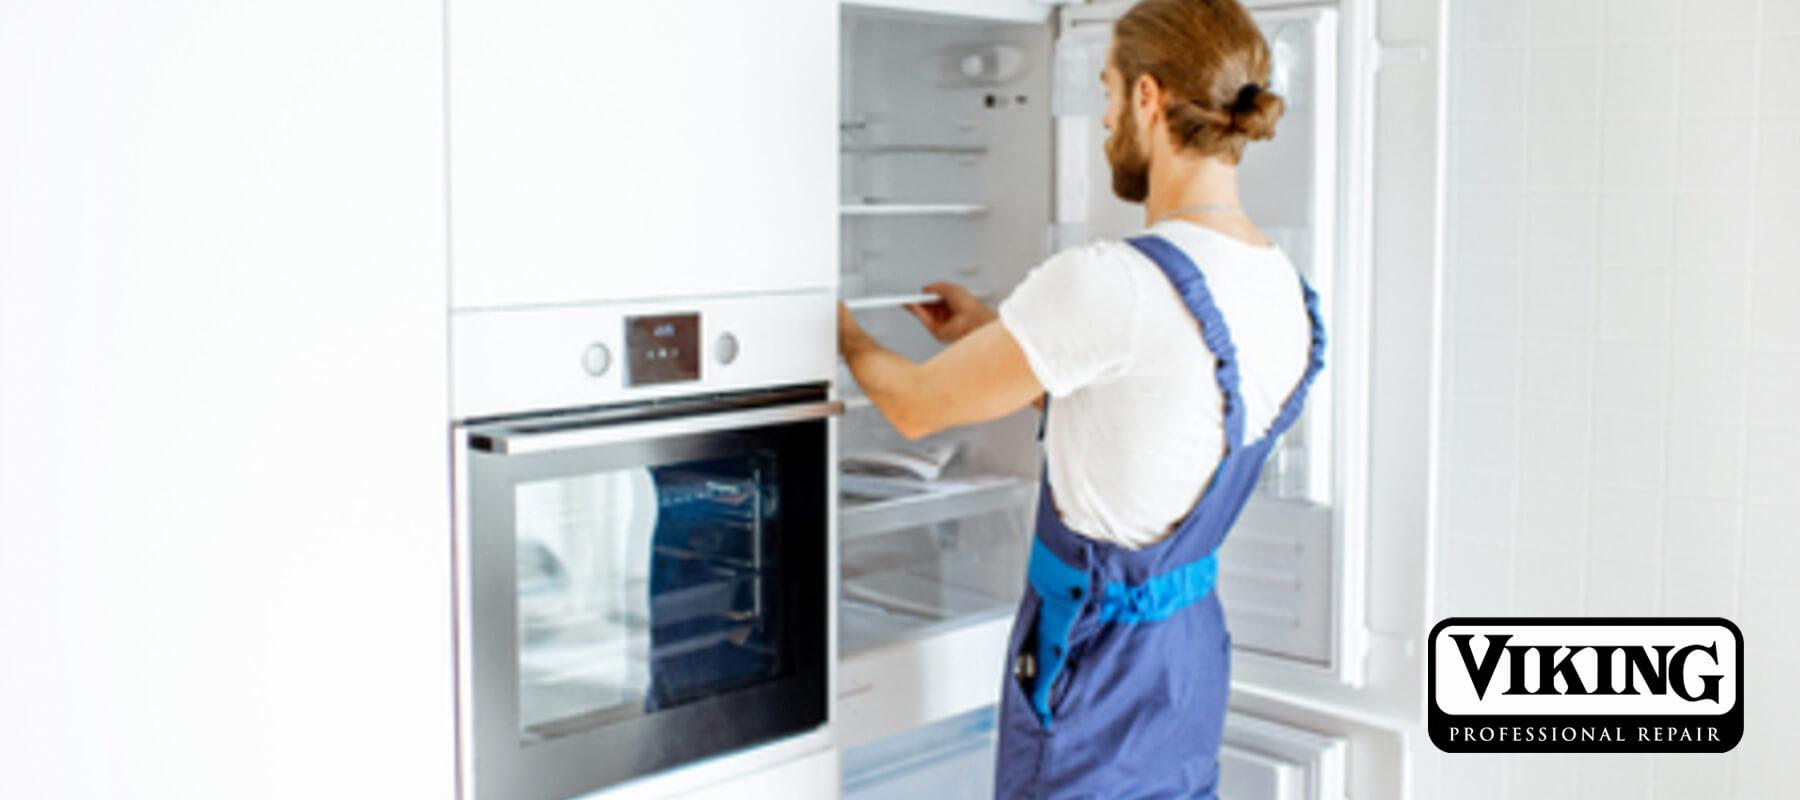 Certified Viking Appliance Repair San Francisco | Professional Viking Repair